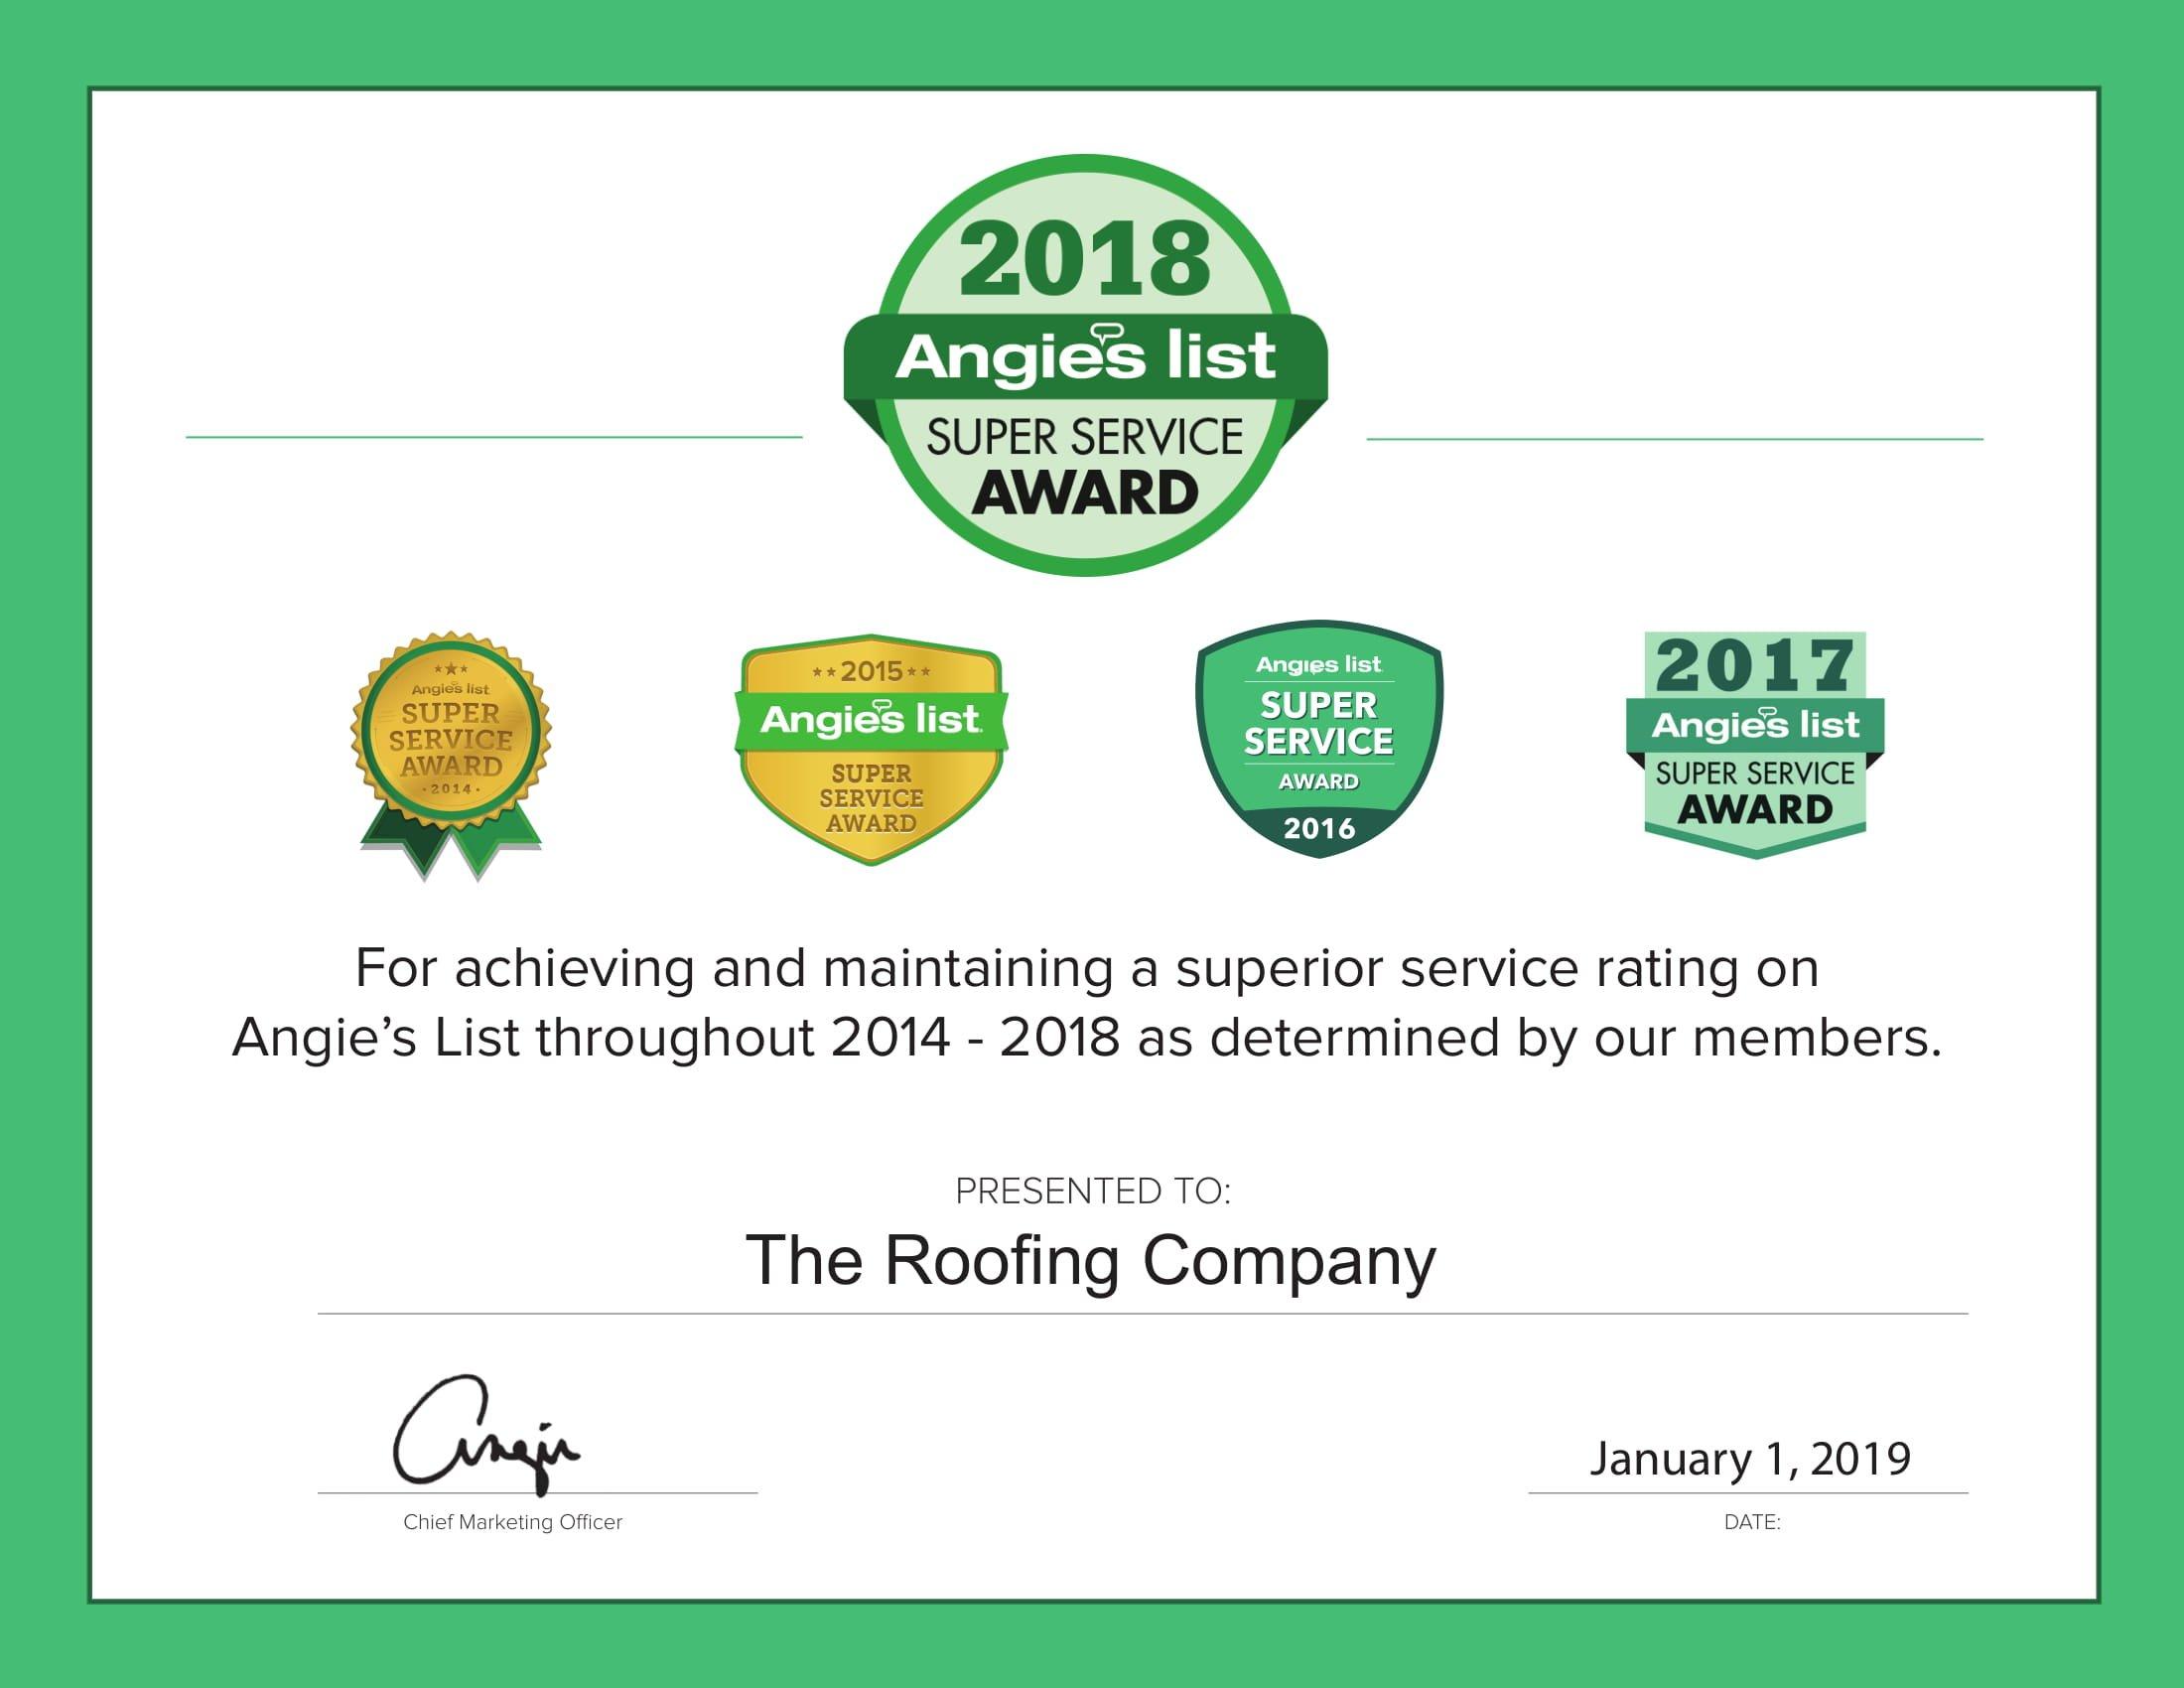 2018 angieslist award super service